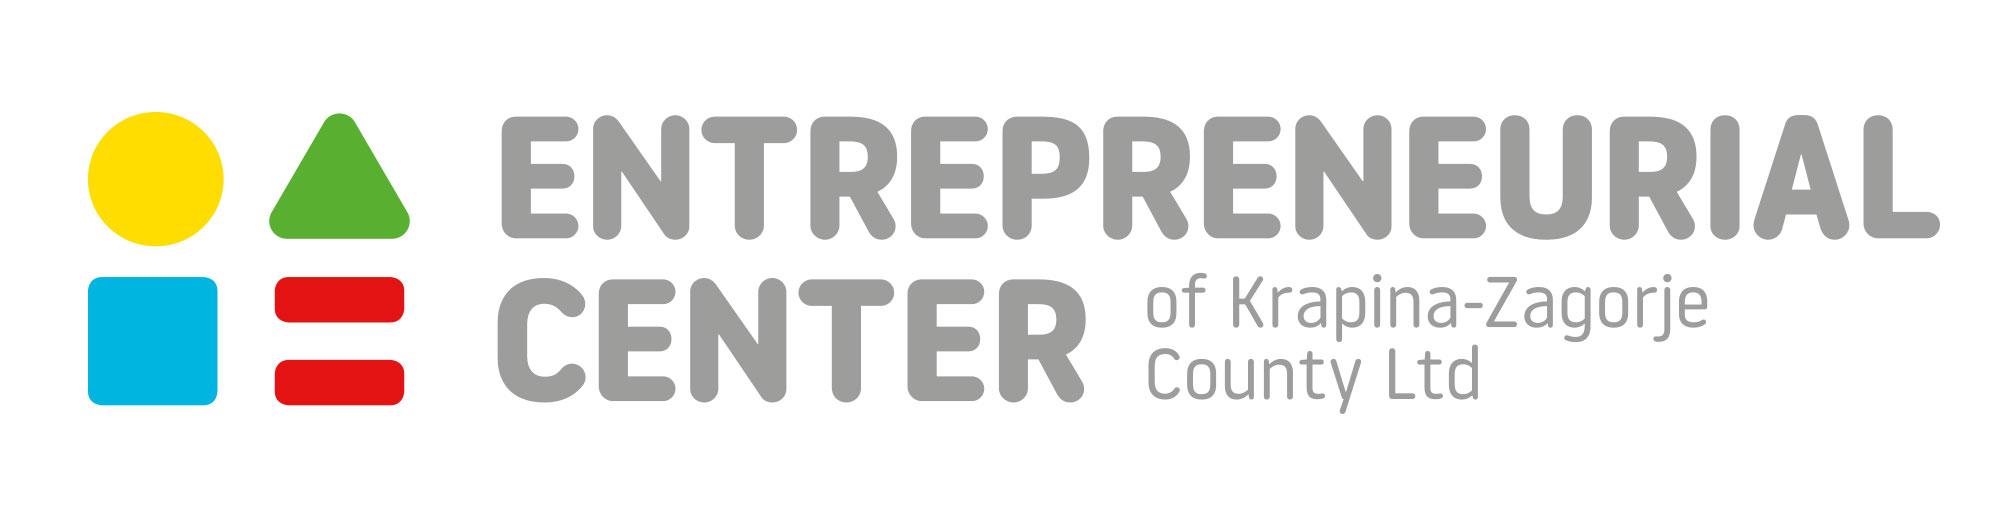 Partner institutions